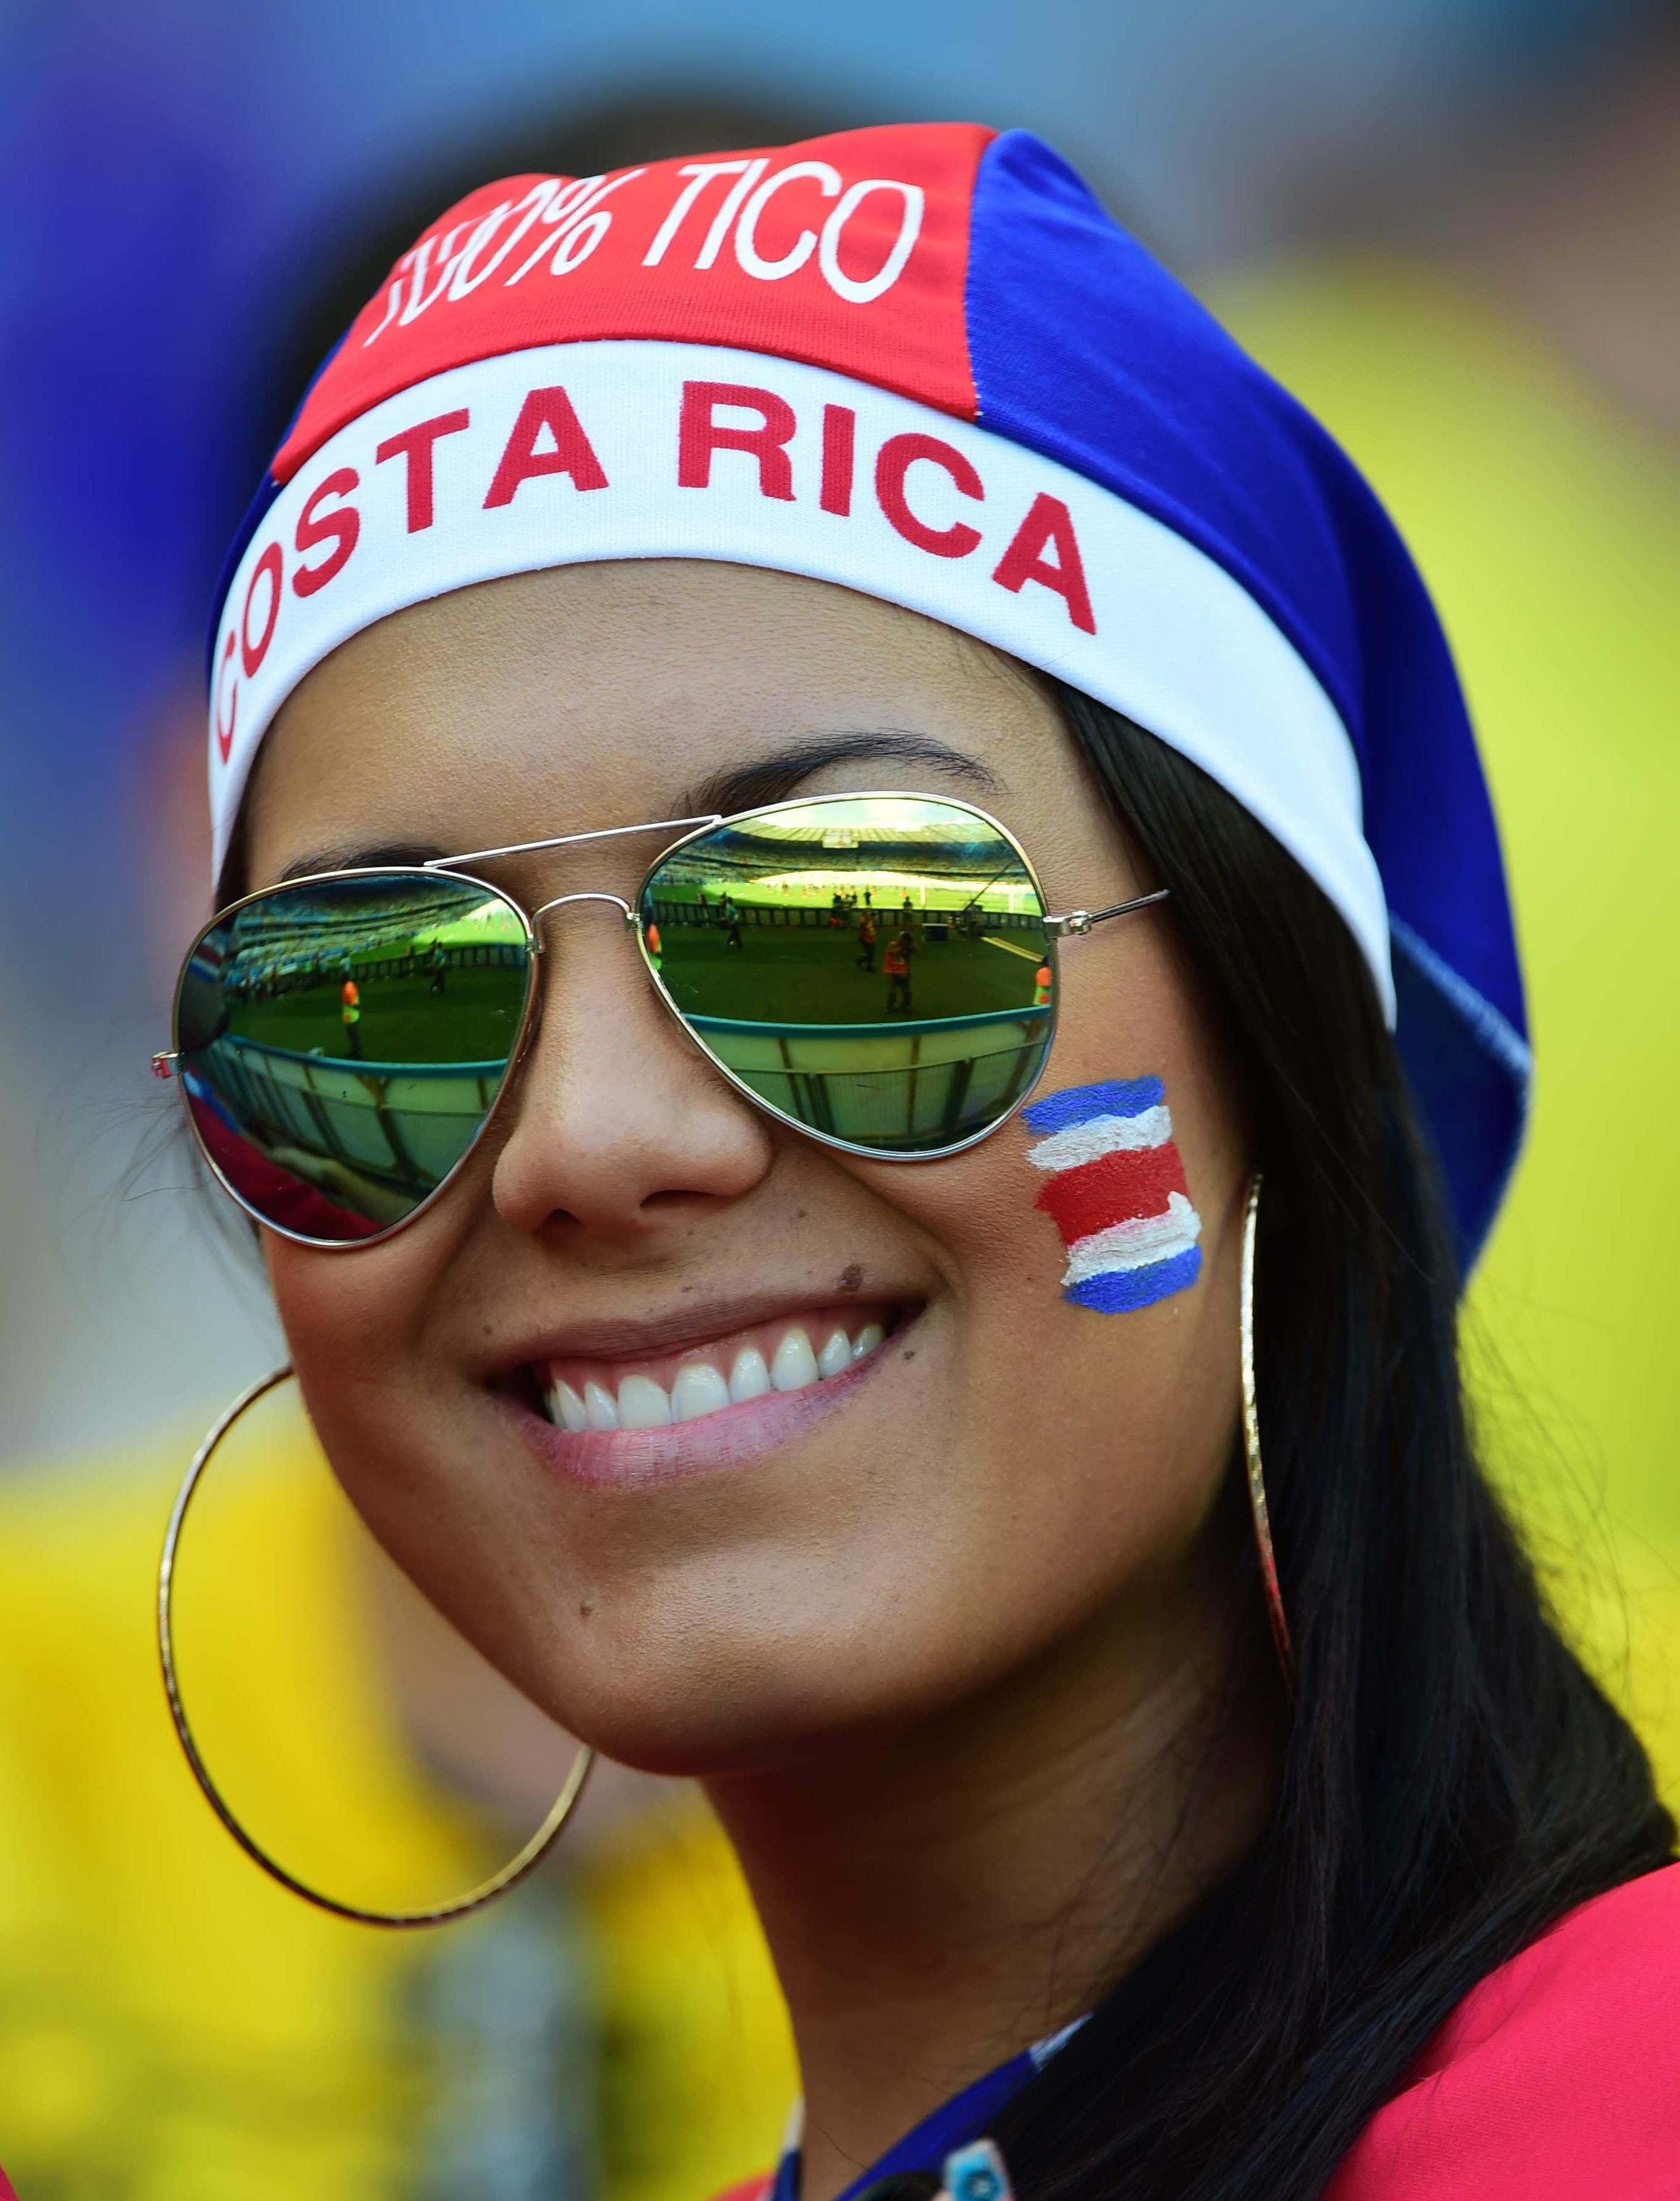 Bella hincha de Costa Rica - 2718x3561